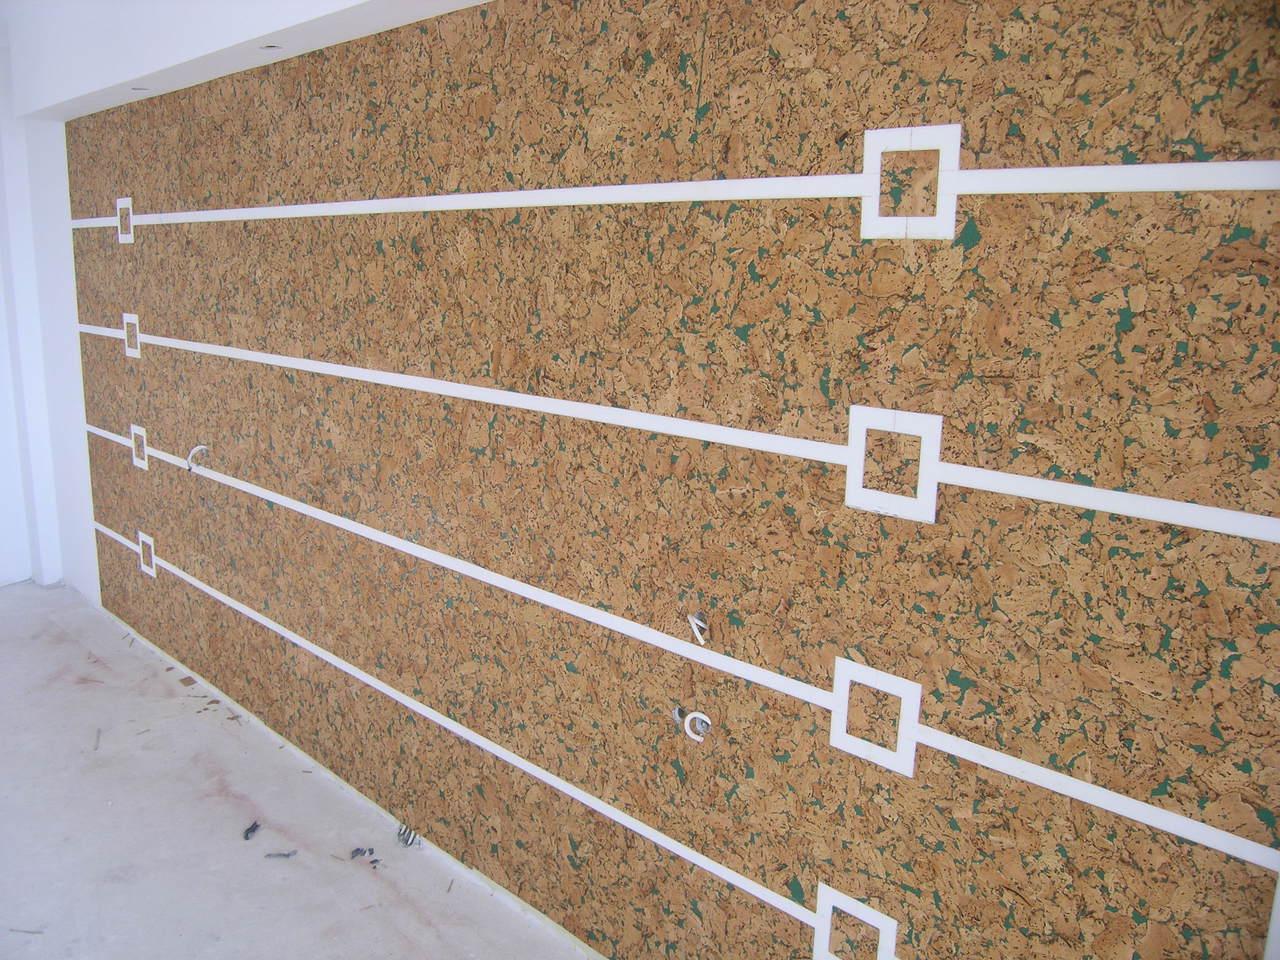 Жидкая пробка (39 фото): пробковый герметик для стыков ламината, состав для внутренней отделки стен и фасада